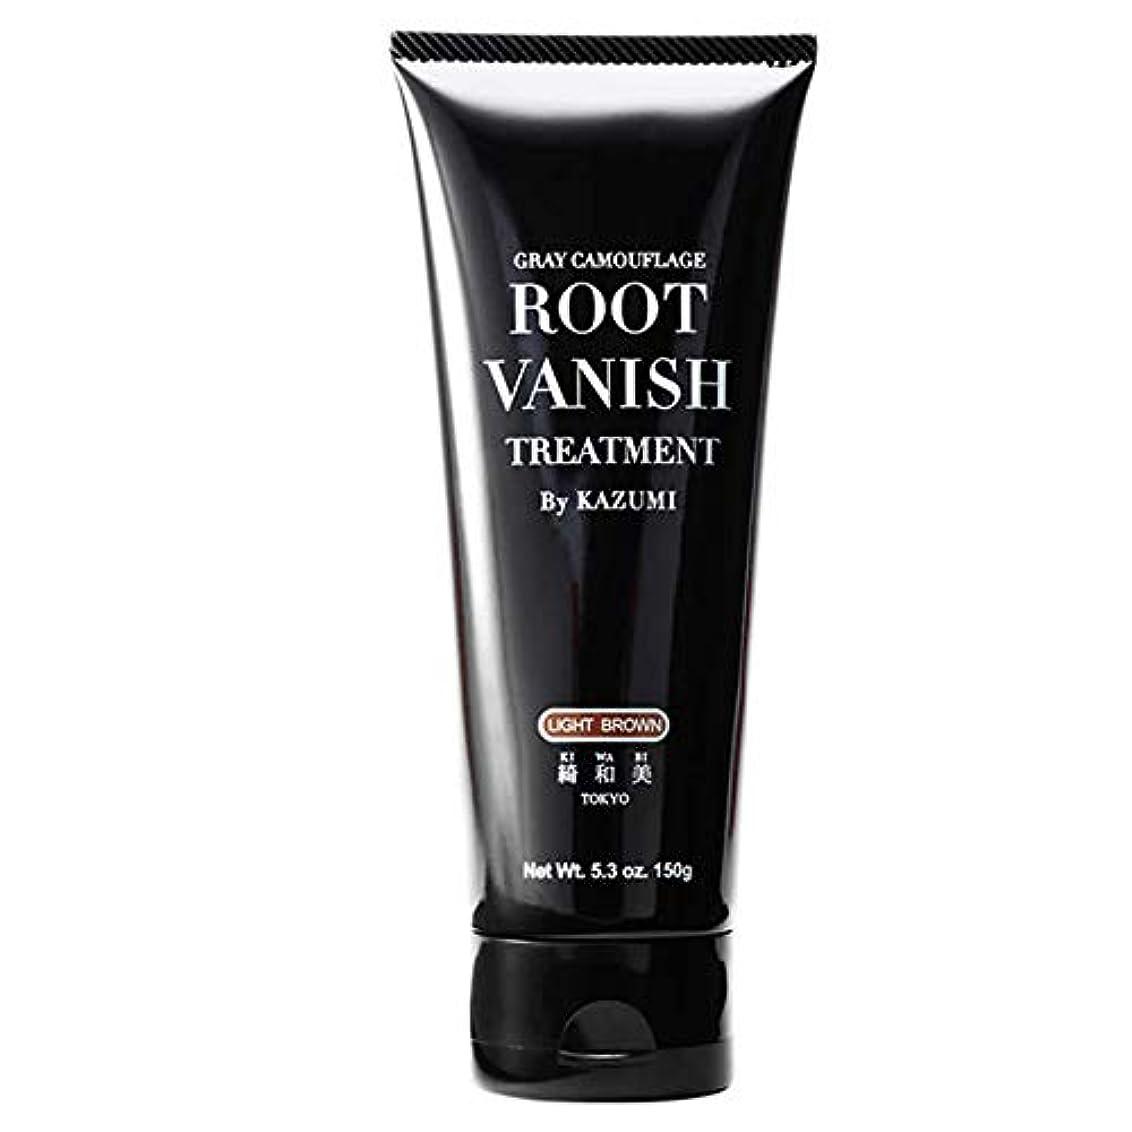 解く許可するジャズRoot Vanish 白髪染め (ライトブラウン) ヘアカラートリートメント 女性用 [100%天然成分 / 無添加22種類の植物エキス配合]